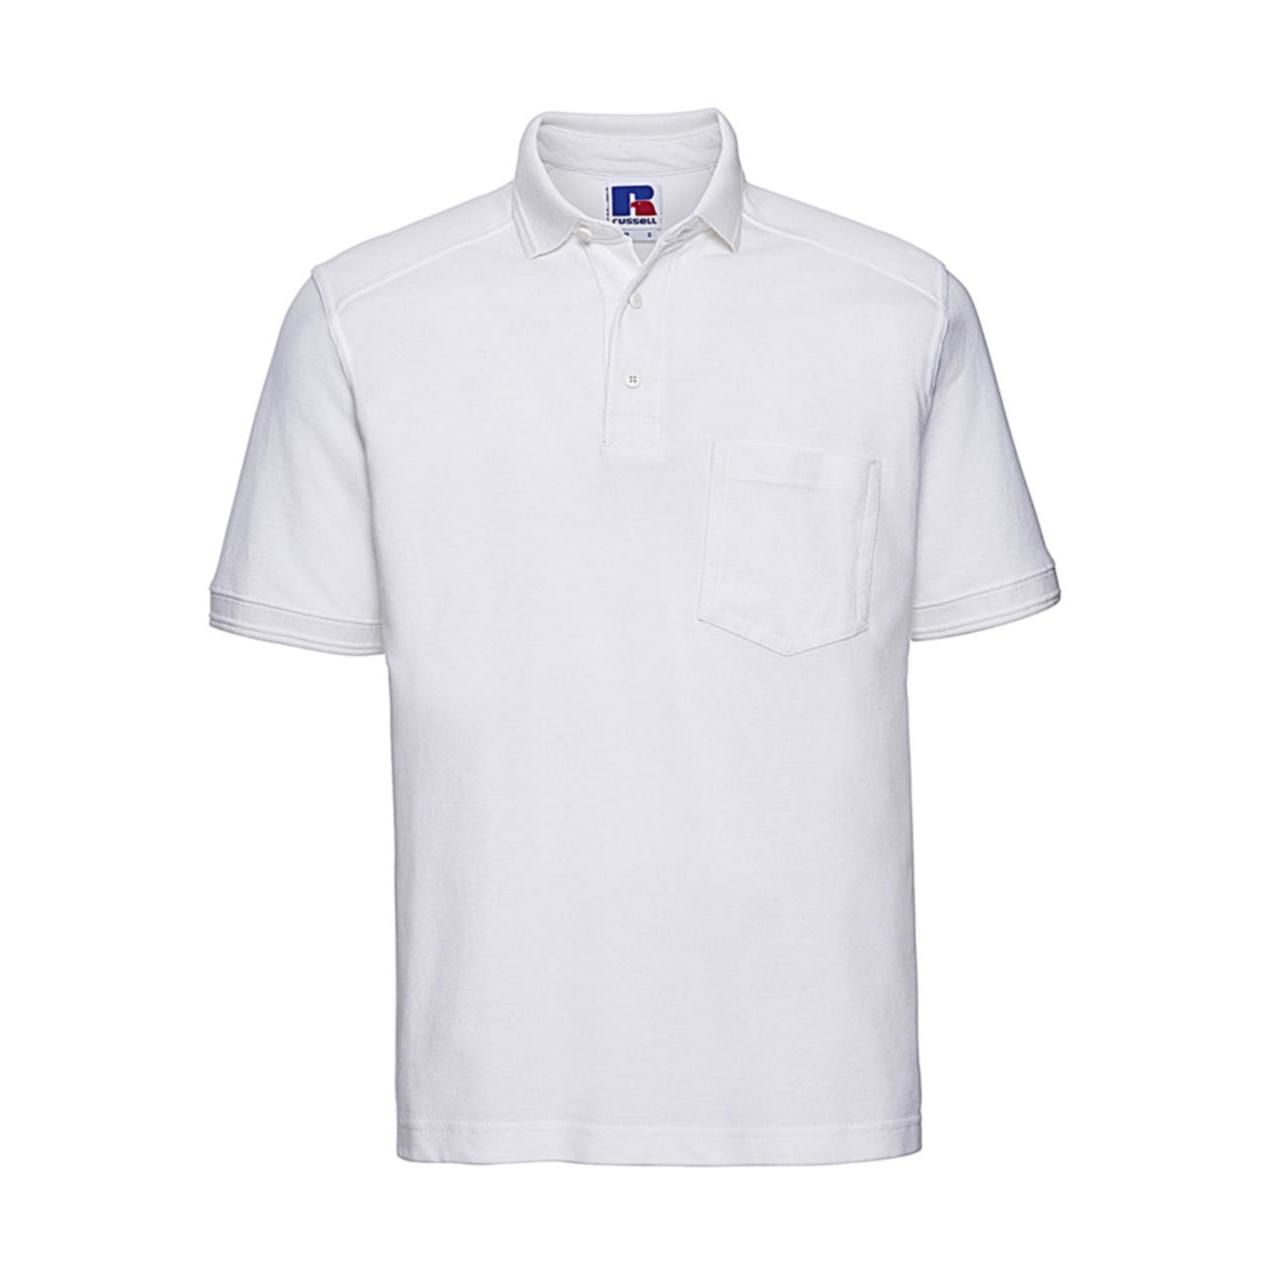 ee05d74ca219 Pánska pracovná polokošeľa Russell - biela - Pracovné odevy ...